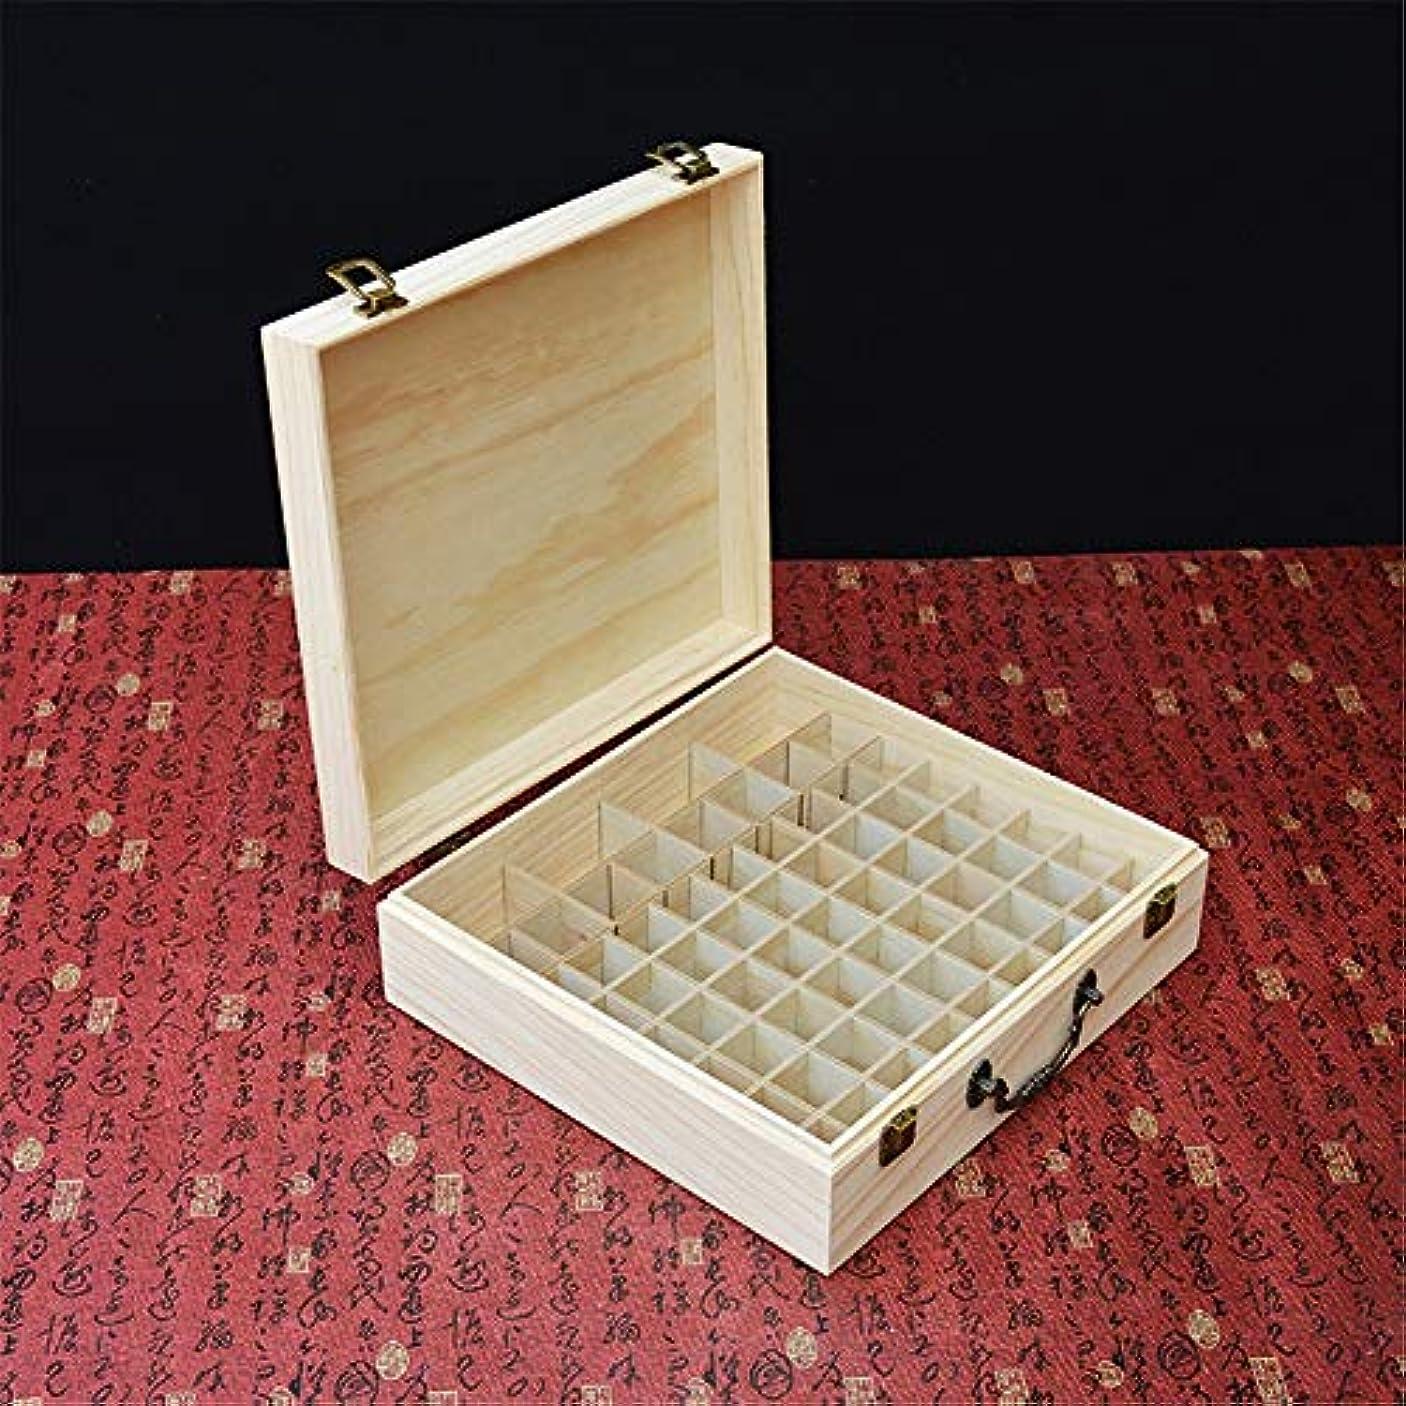 バーチャル暴力的な五月アロマセラピー収納ボックス これは、旅行やプレゼンテーション66個のスロット木製のエッセンシャルオイルの収納ボックスに最適です エッセンシャルオイル収納ボックス (色 : Natural, サイズ : 31.5X29X10CM)